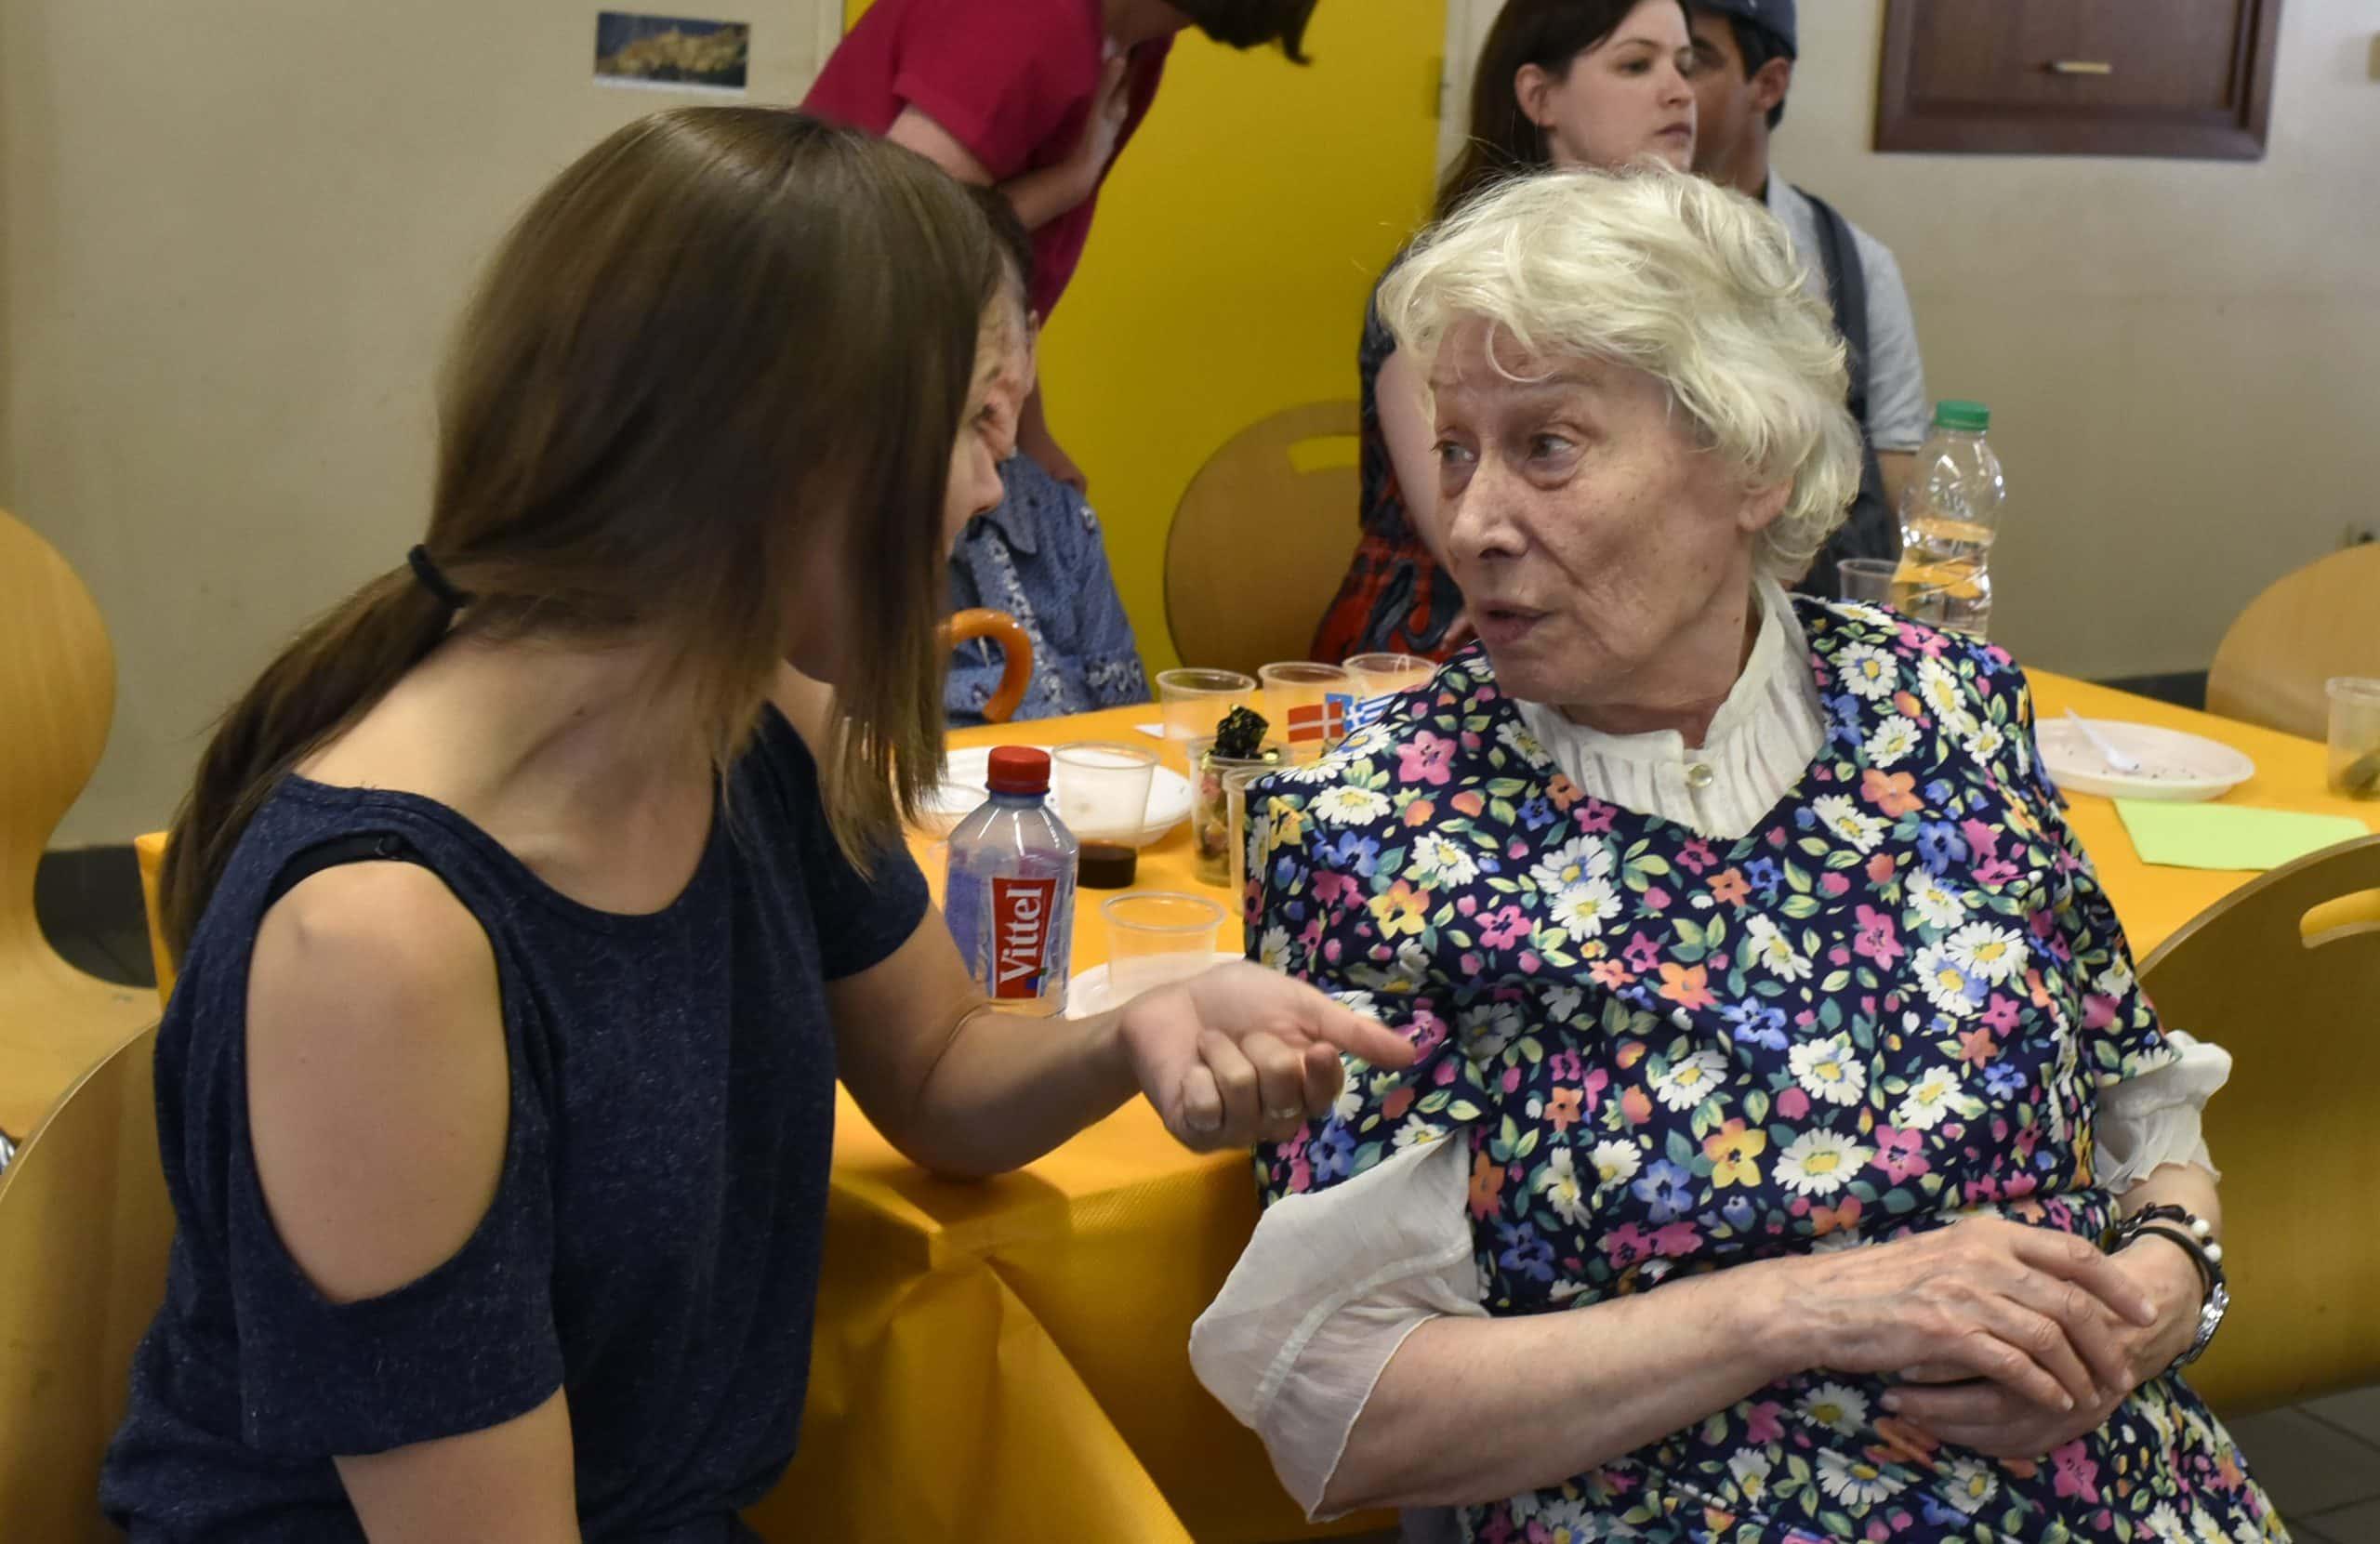 Les bénévoles de la SSVP vont à la rencontre des personnes âgées isolées